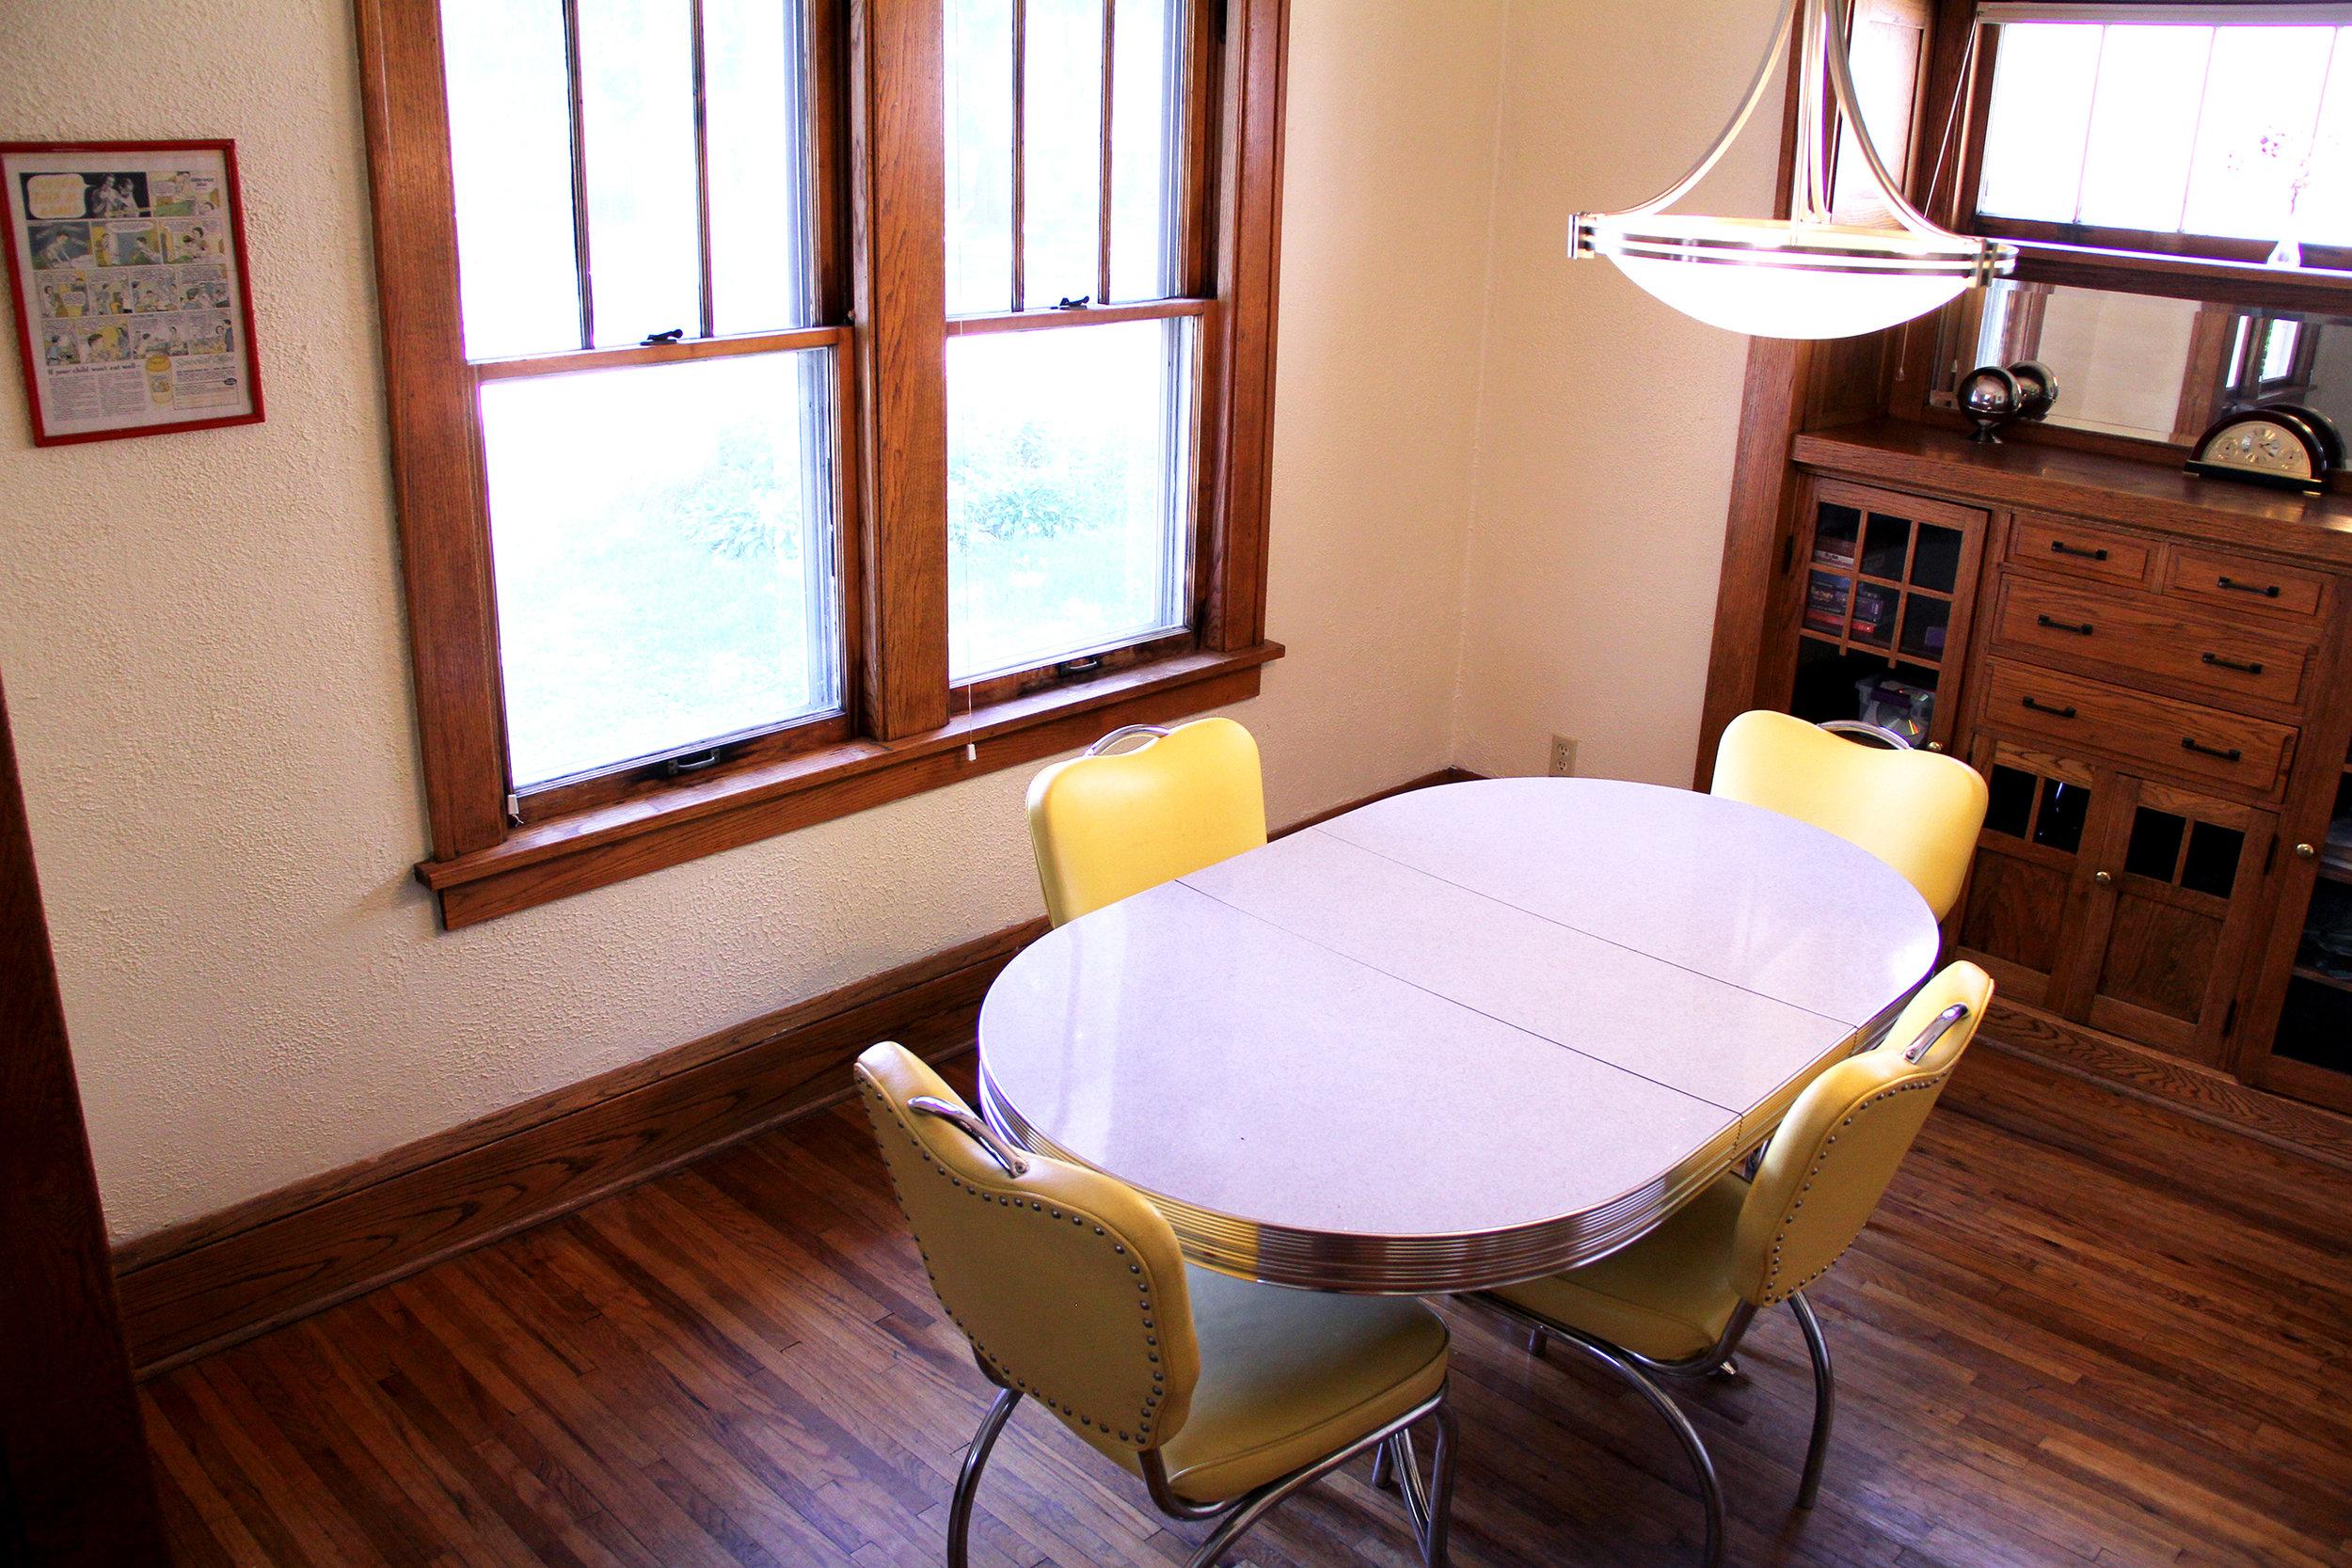 dining-room_27740781405_o.jpg